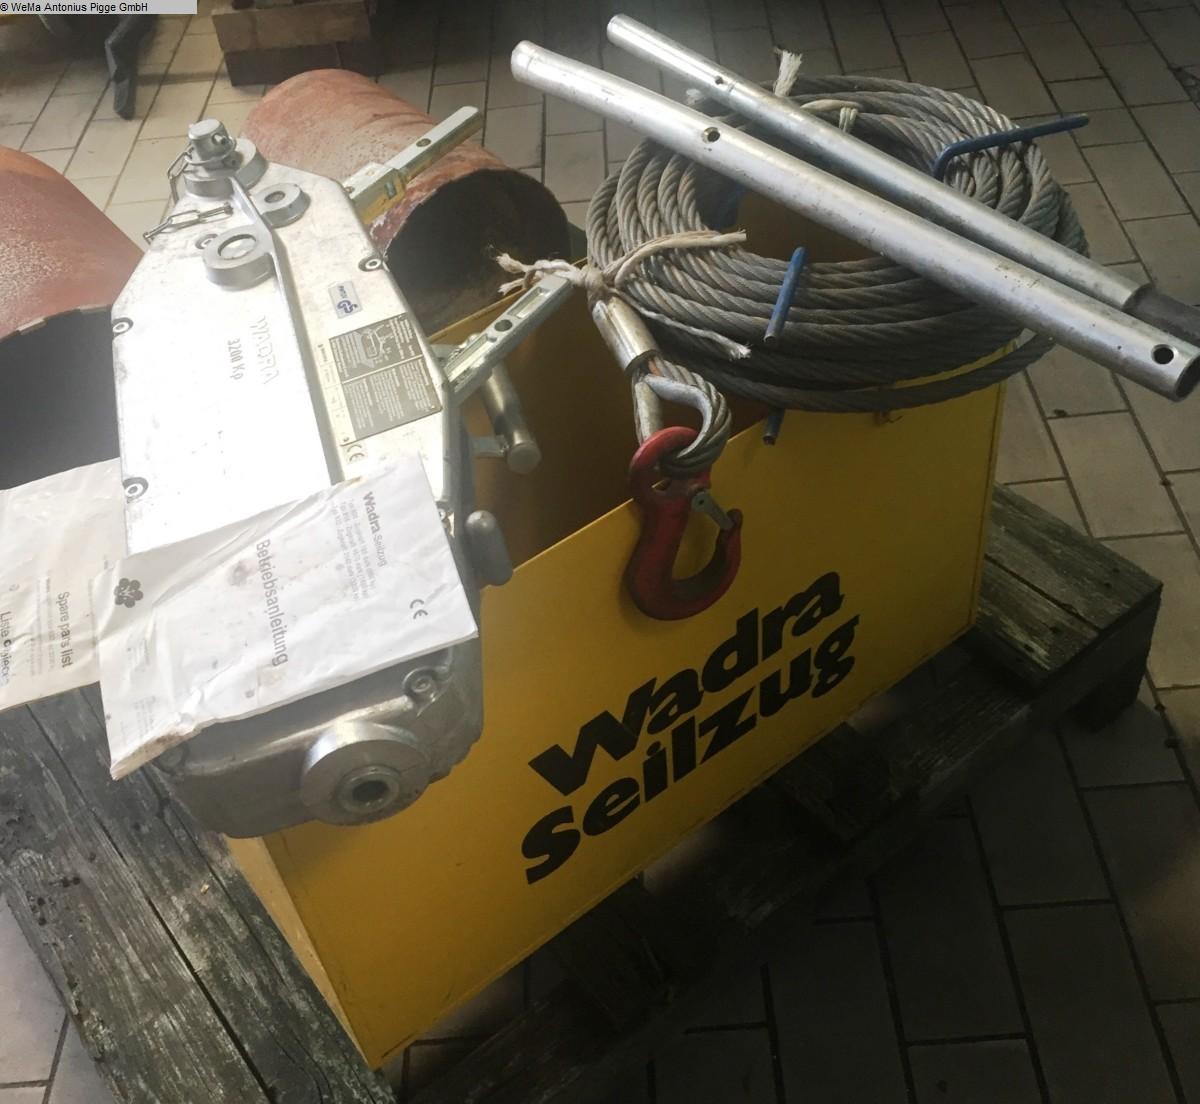 gebrauchte Innerbetrieblicher Transport, Betriebs- u. Lagereinrichtung Lagertechnik WADRA 832